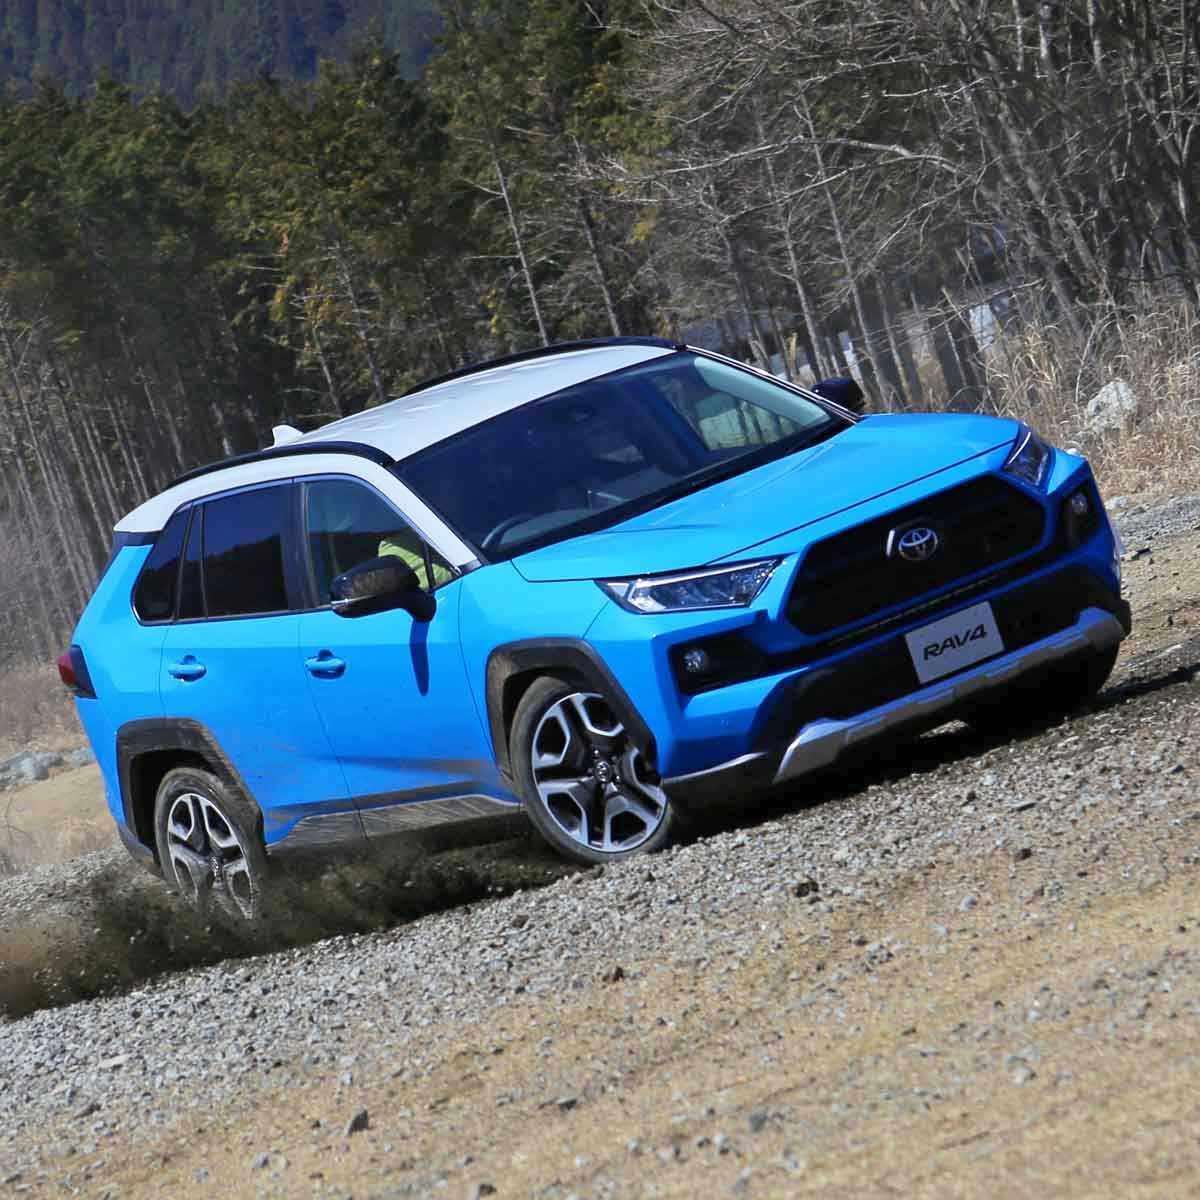 試乗でわかったトヨタ 新型「RAV4」買うならハイブリッド?ガソリン?